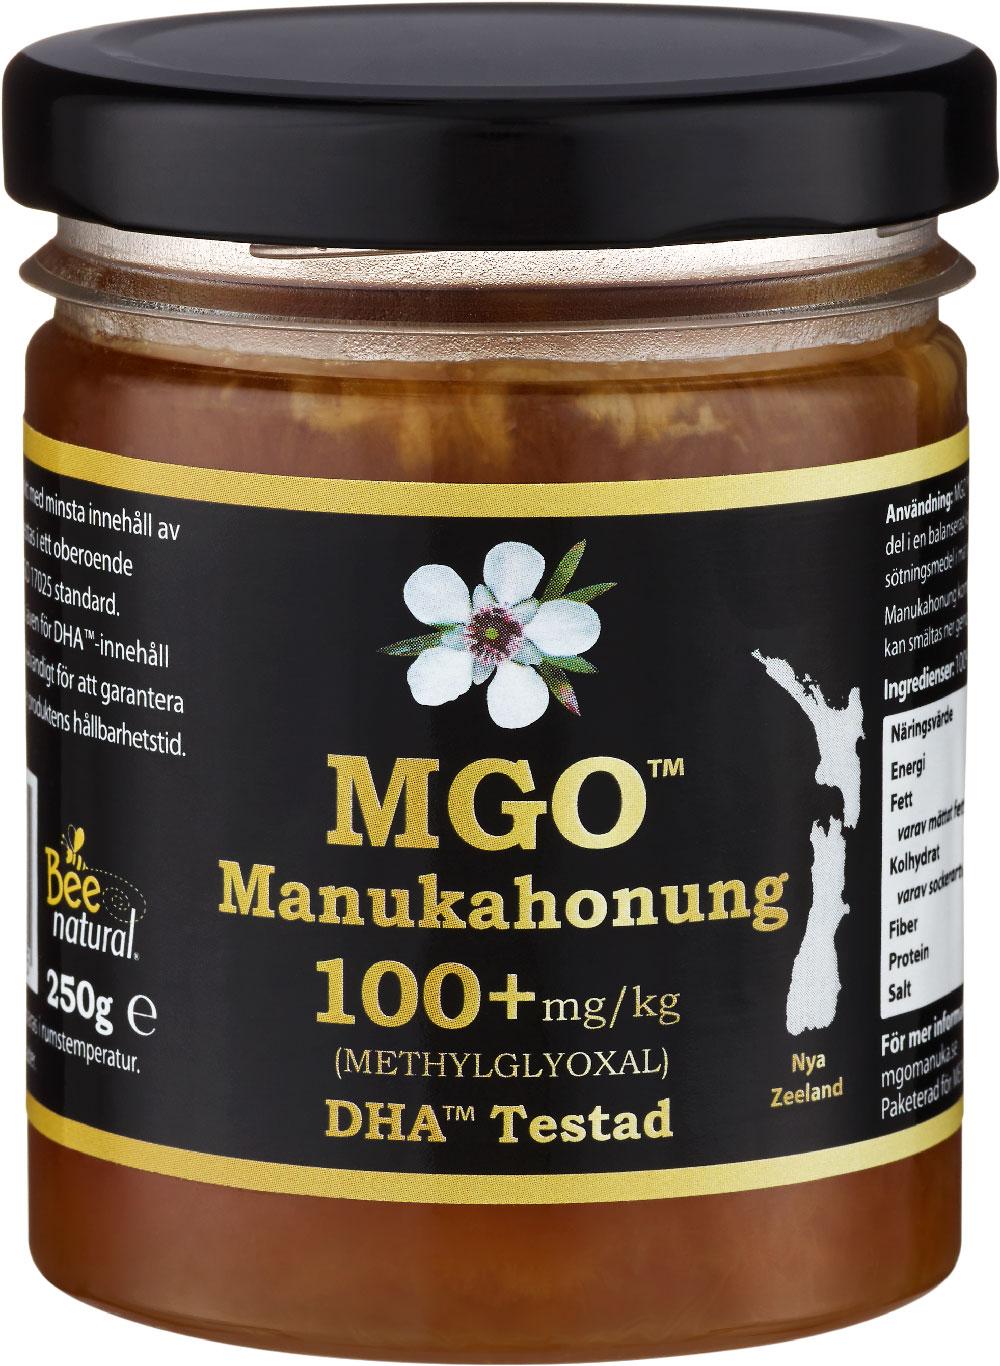 MGO Manukahonung 100+